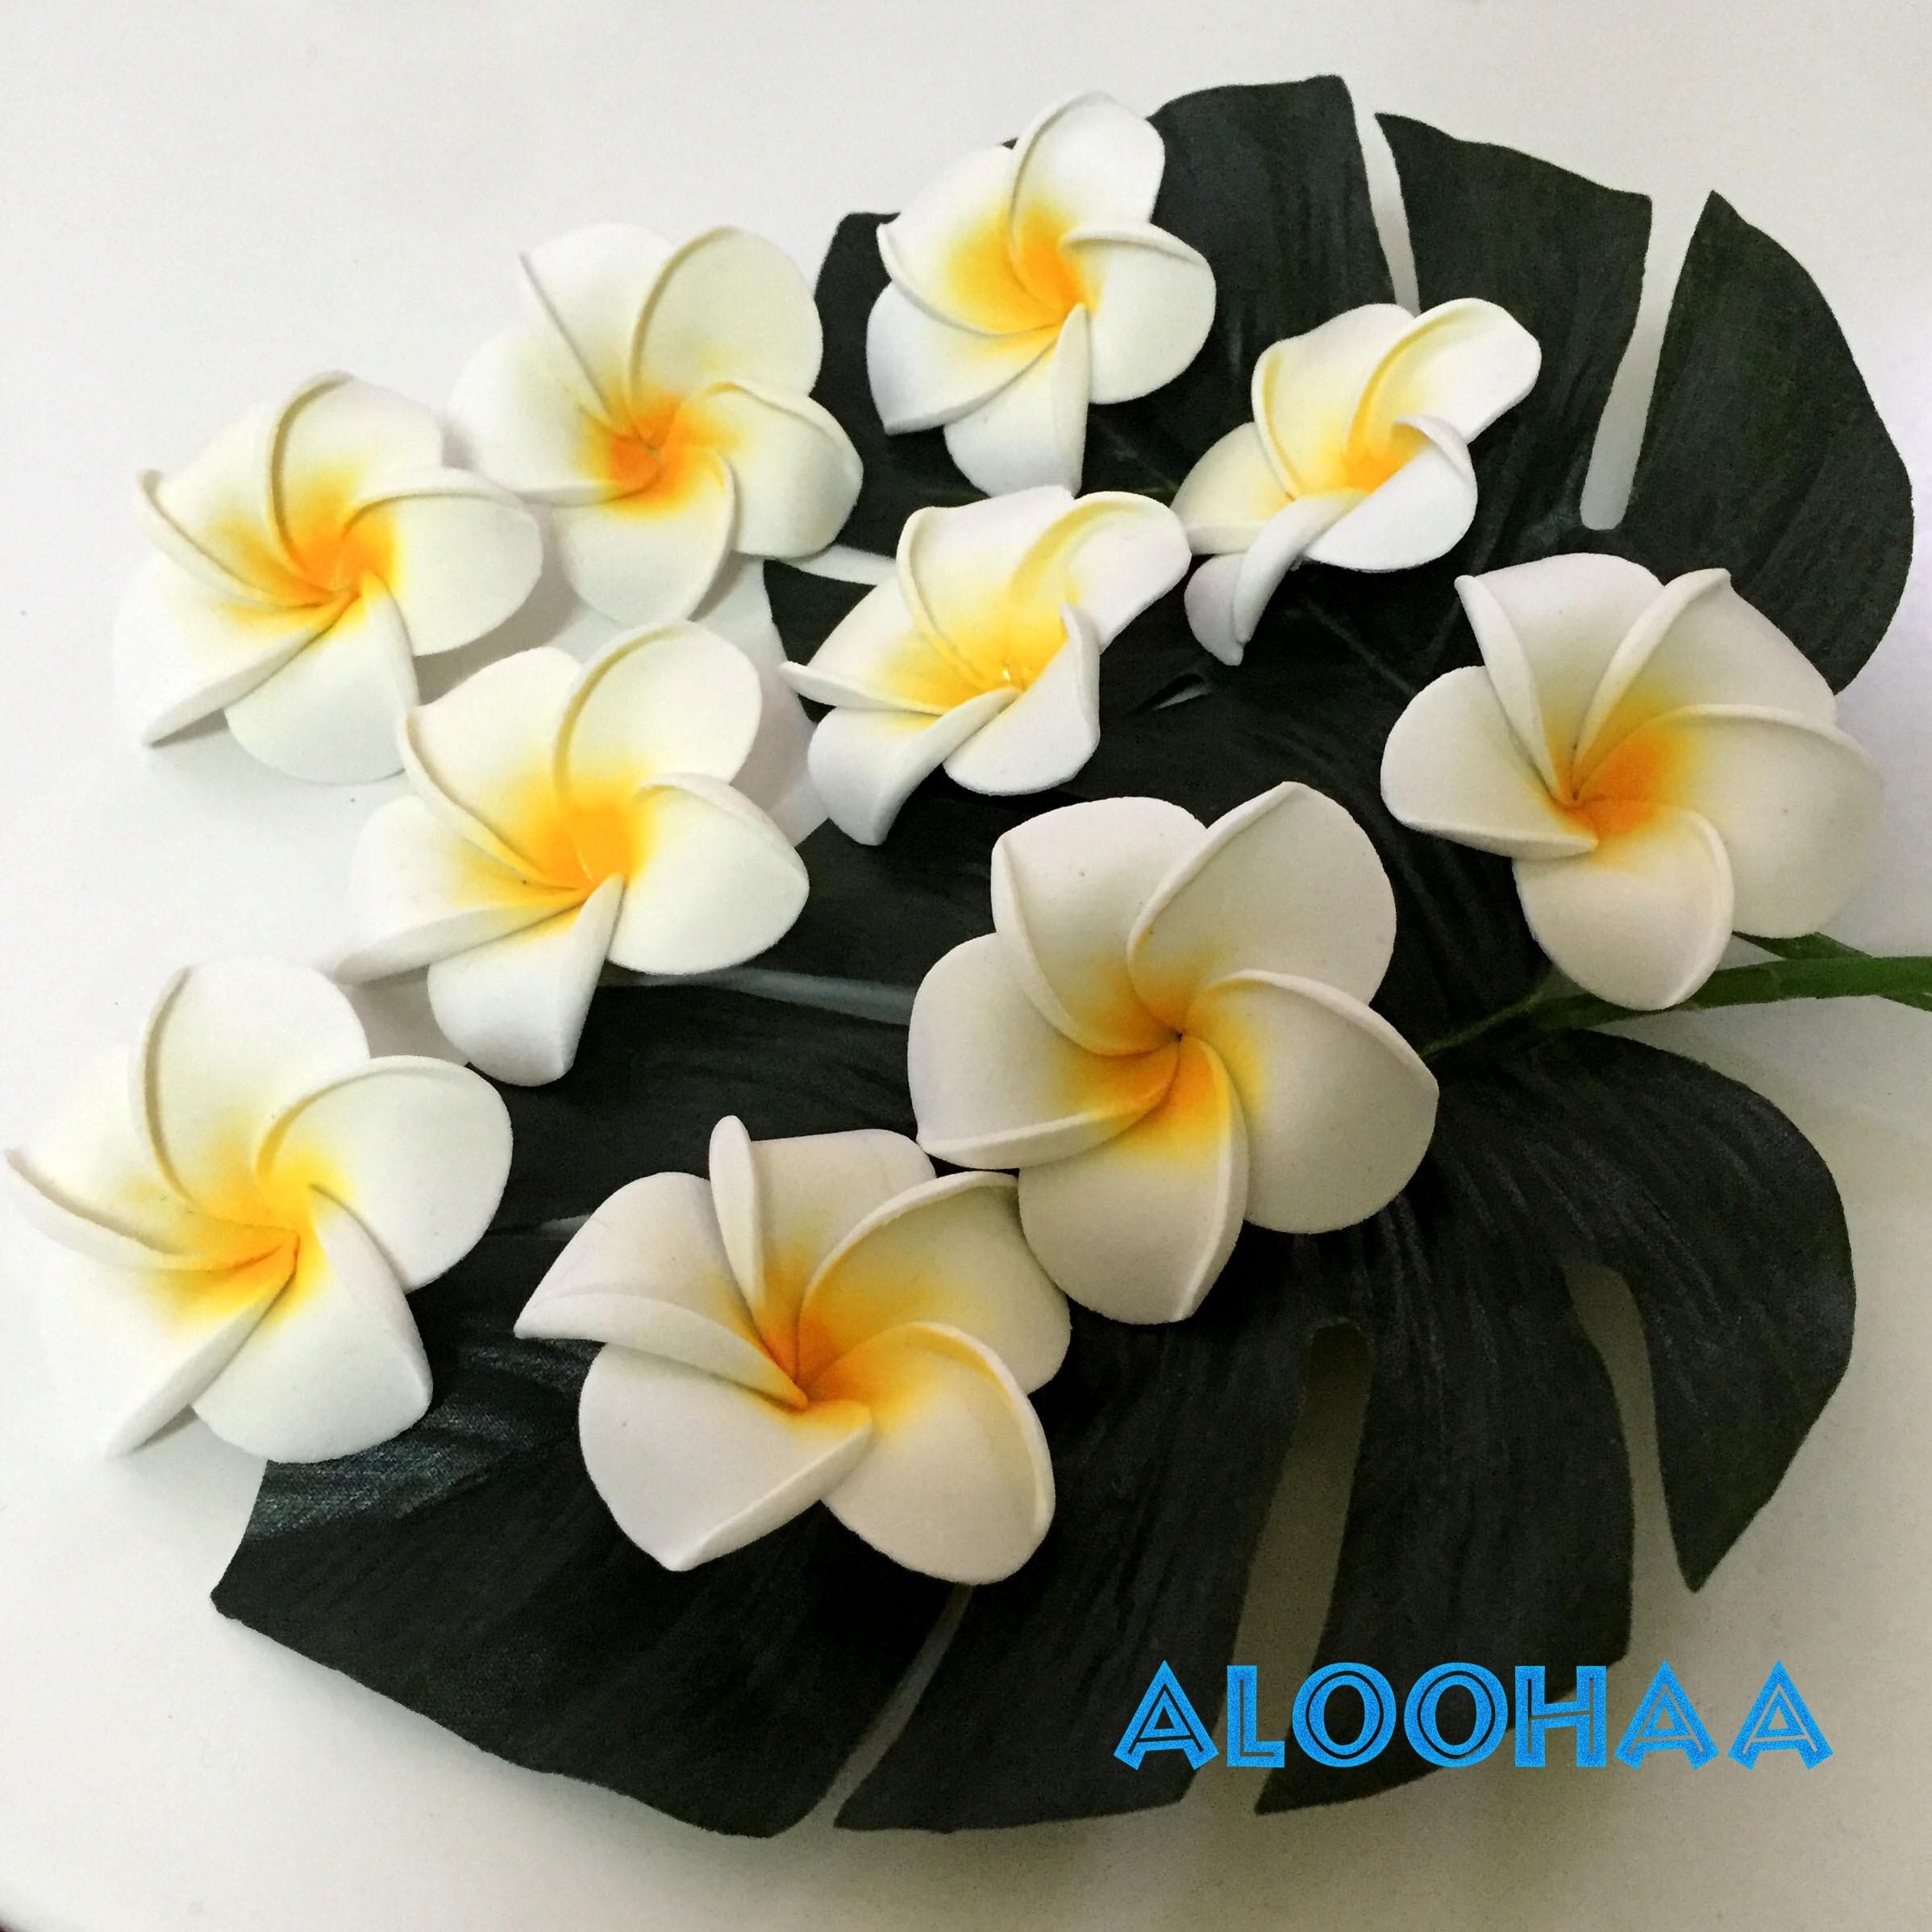 プルメリア 10pc パック SSsize 4-5cm 造花 ウレタン フラダンス タヒチアン 衣装 アクセサリー 材料